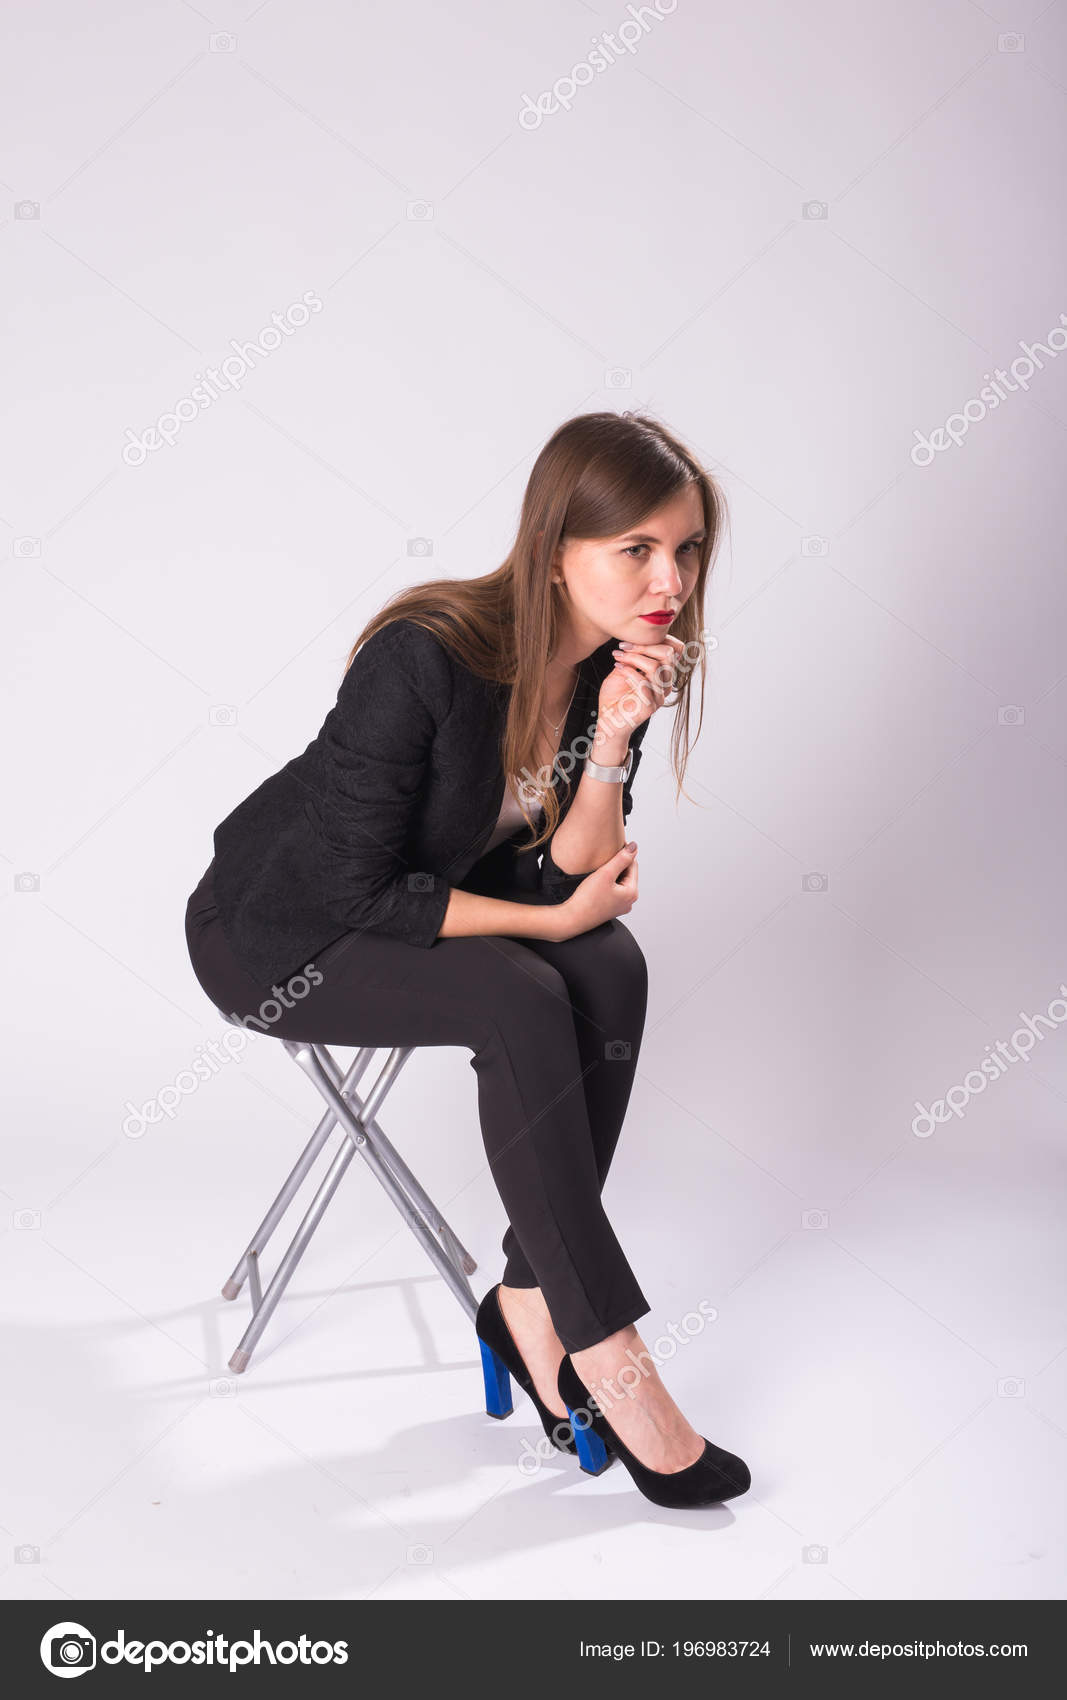 黒のスーツ、ハイヒールの靴、白い背景の上の椅子に座っている若いビジネス ・ ウーマンの完全な長さのスタジオ ポートレート \u2014 [著者]の写真  Satura_